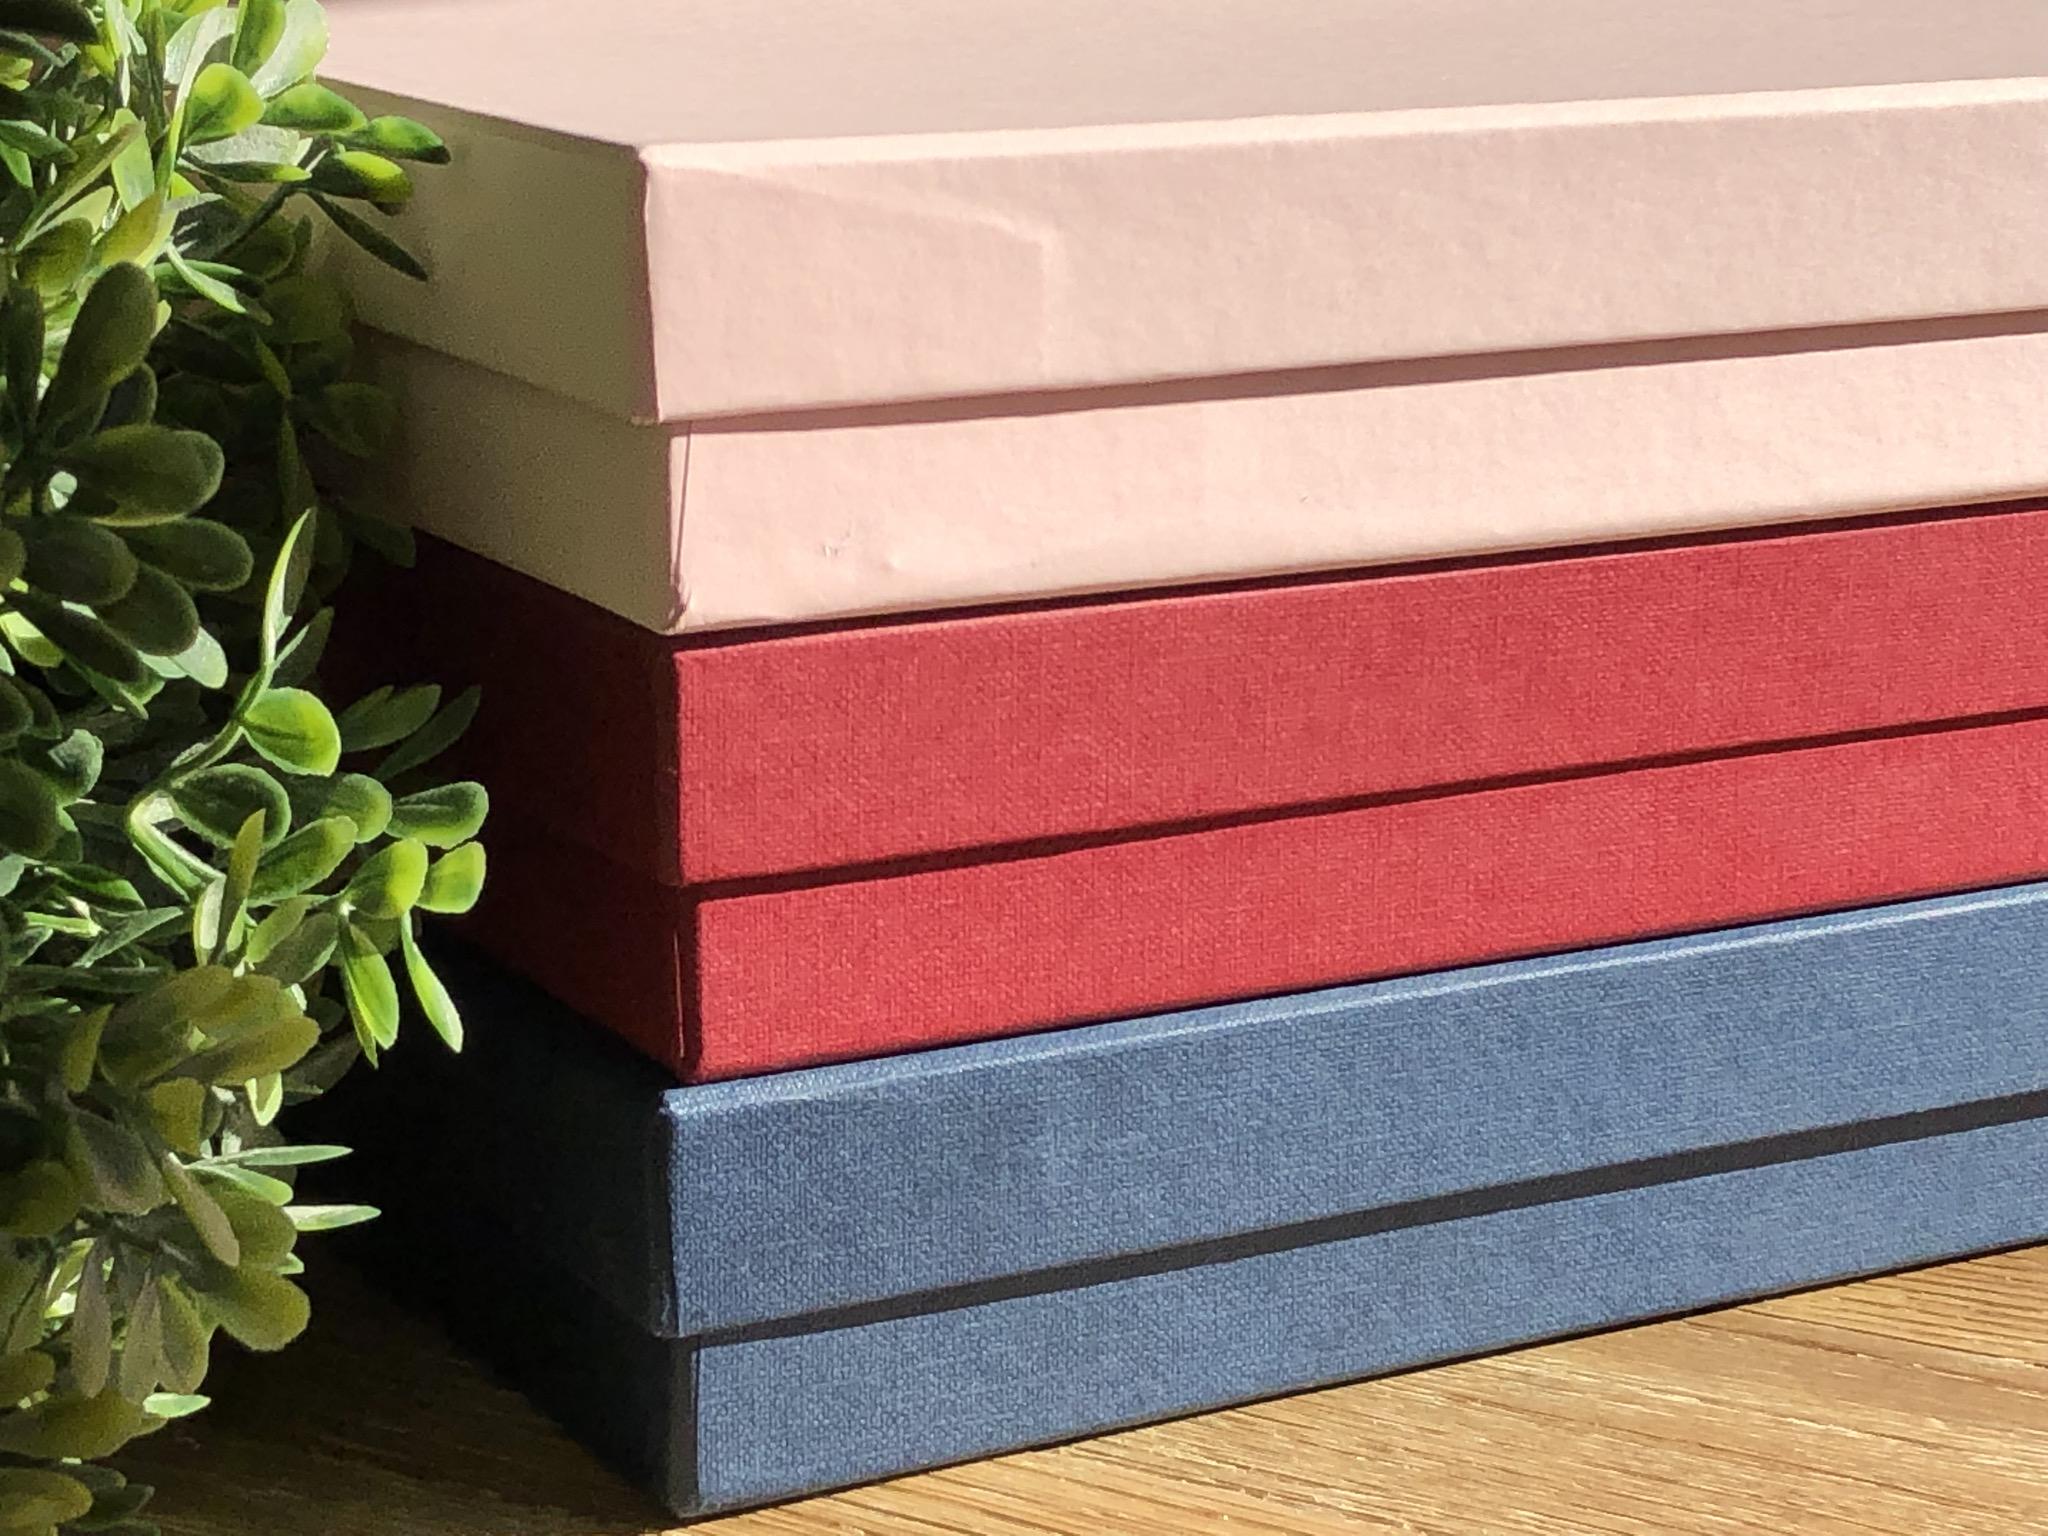 Colores de cajas Nelyamano